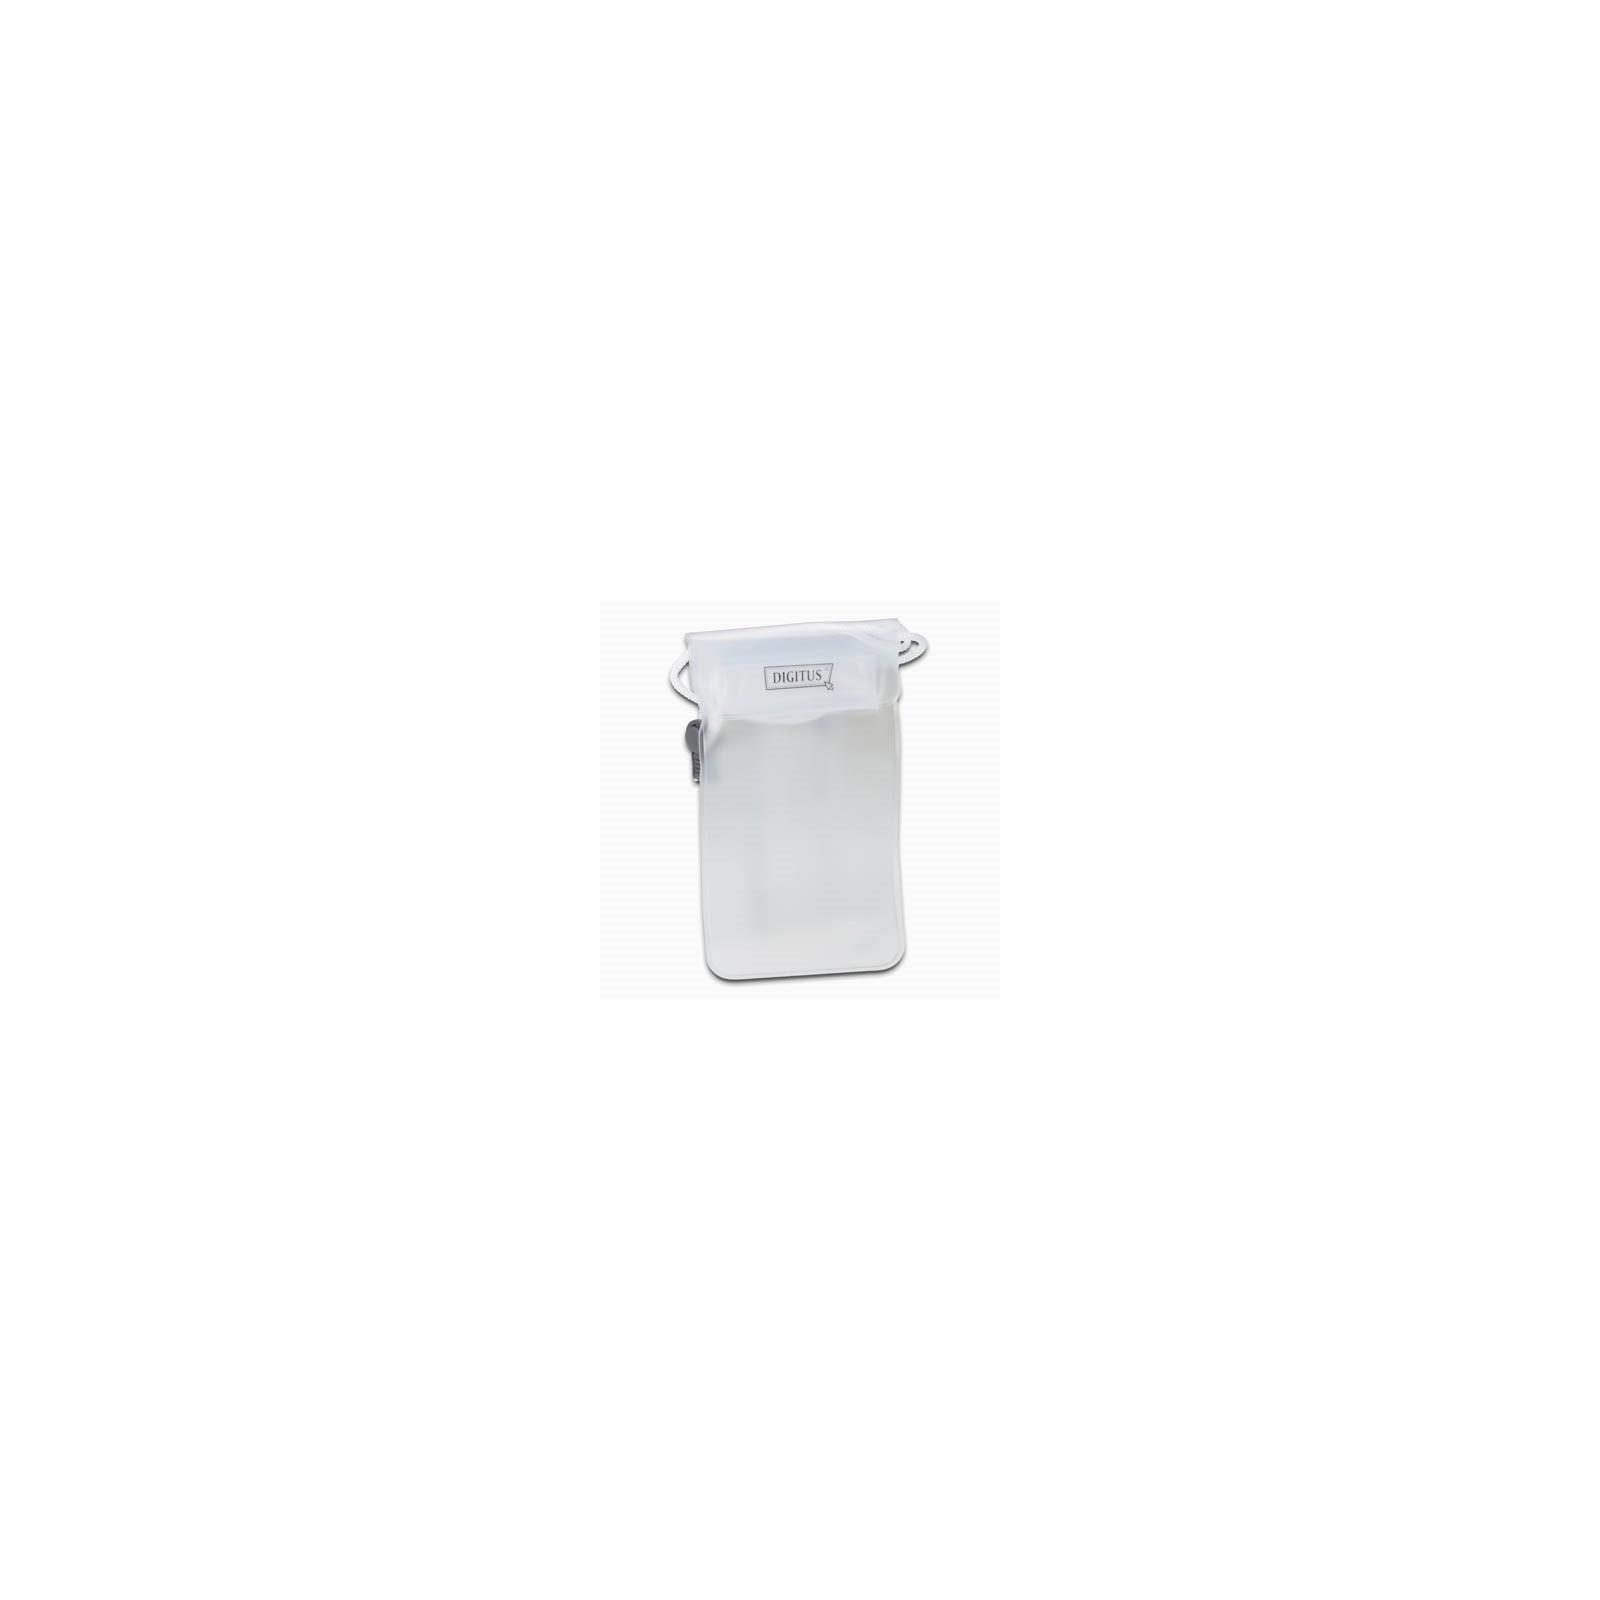 Чехол для моб. телефона DIGITUS Universal Protectable Suit (DA-21000)